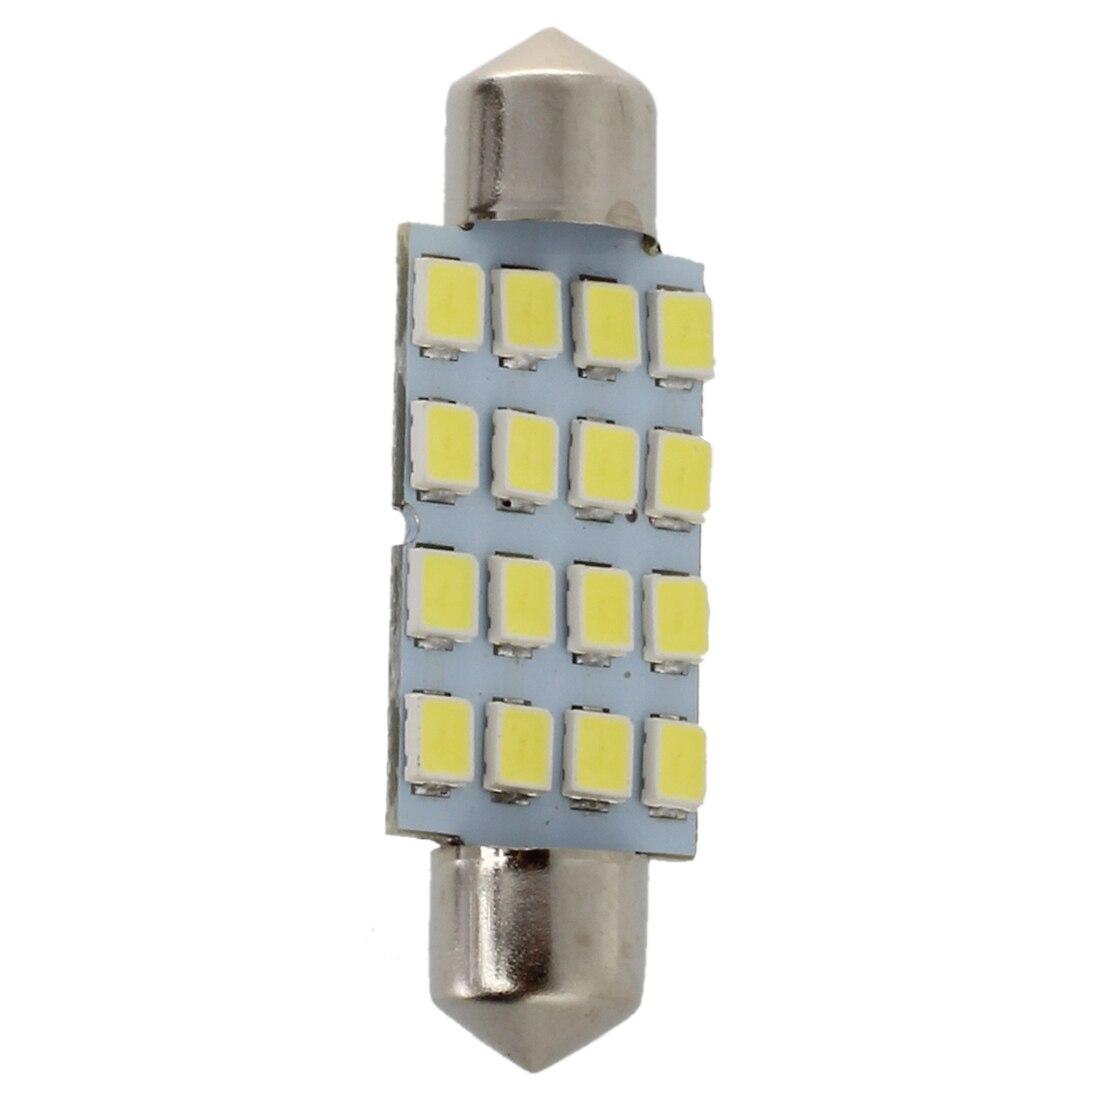 10×42 мм 16 светодиодных салона белый SMD 3528 потолочный плафон лампы 211-2 578 212 -2